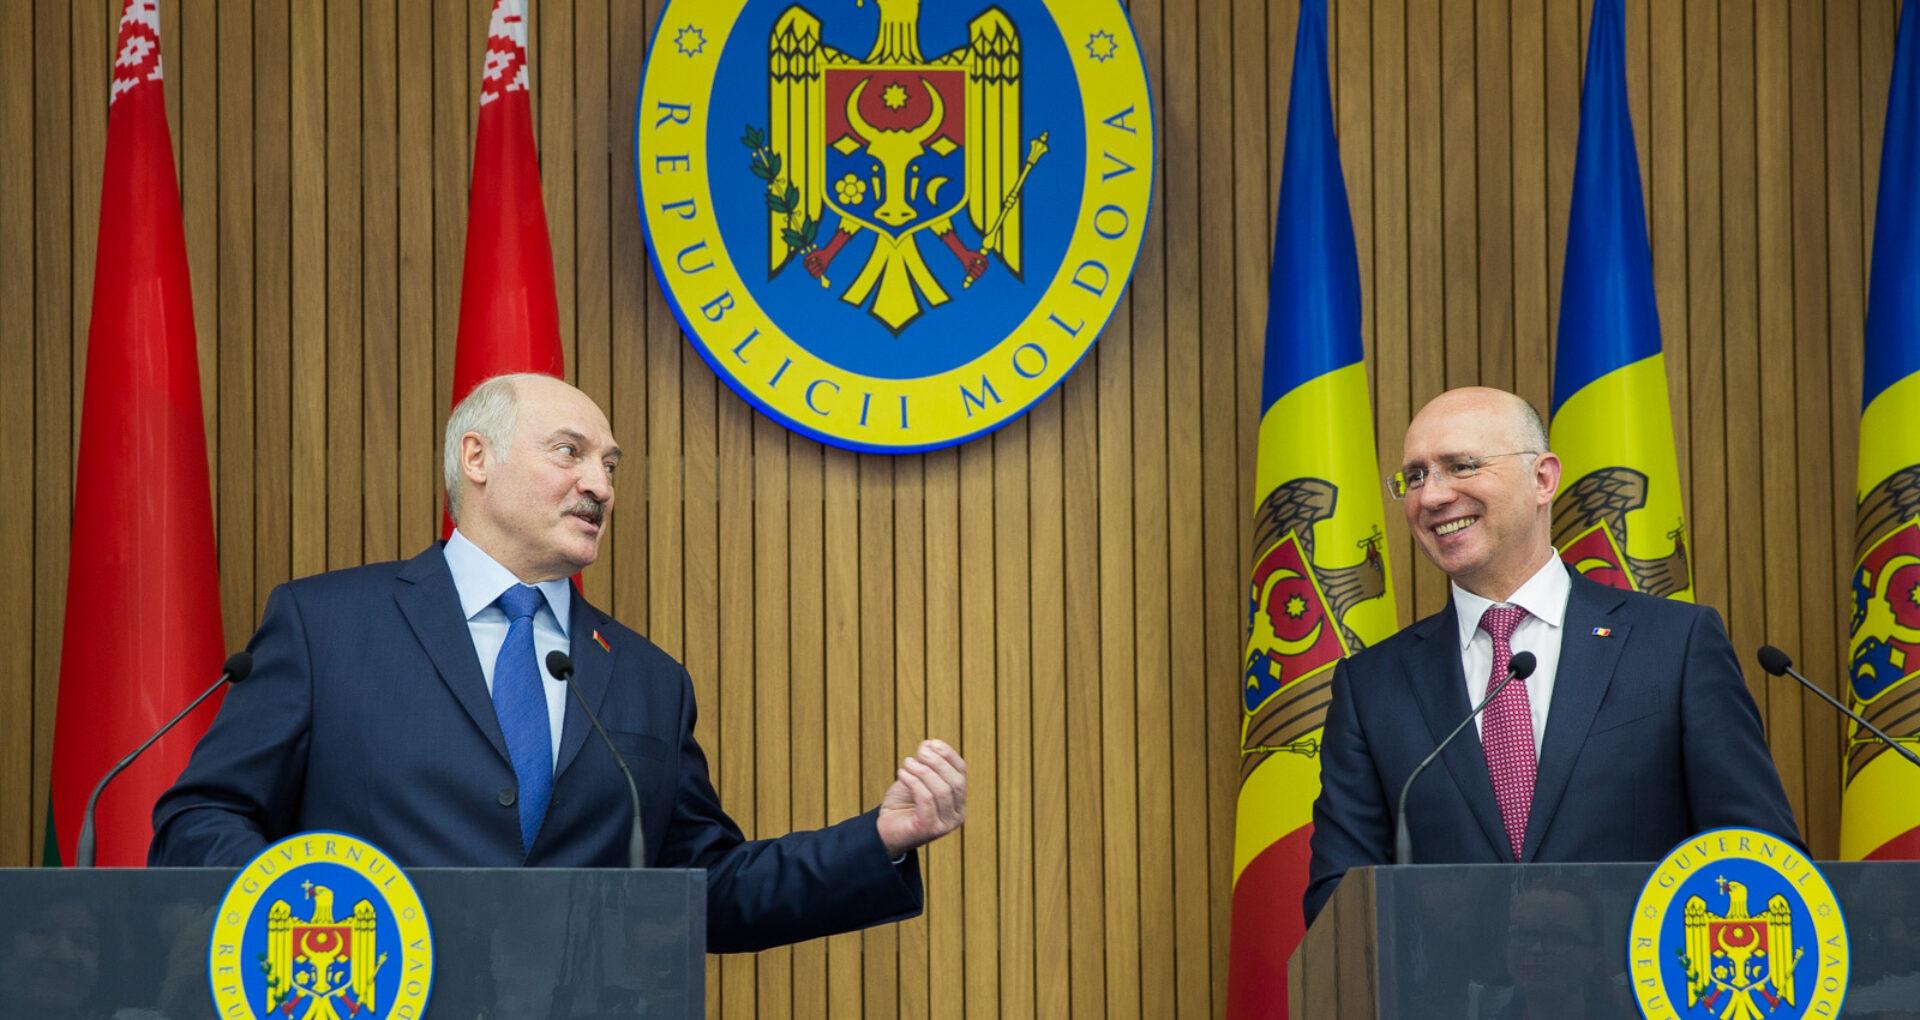 Câți bani vor fi alocați din Fondul de Rezervă a Guvernului pentru vizita lui Lukașenko